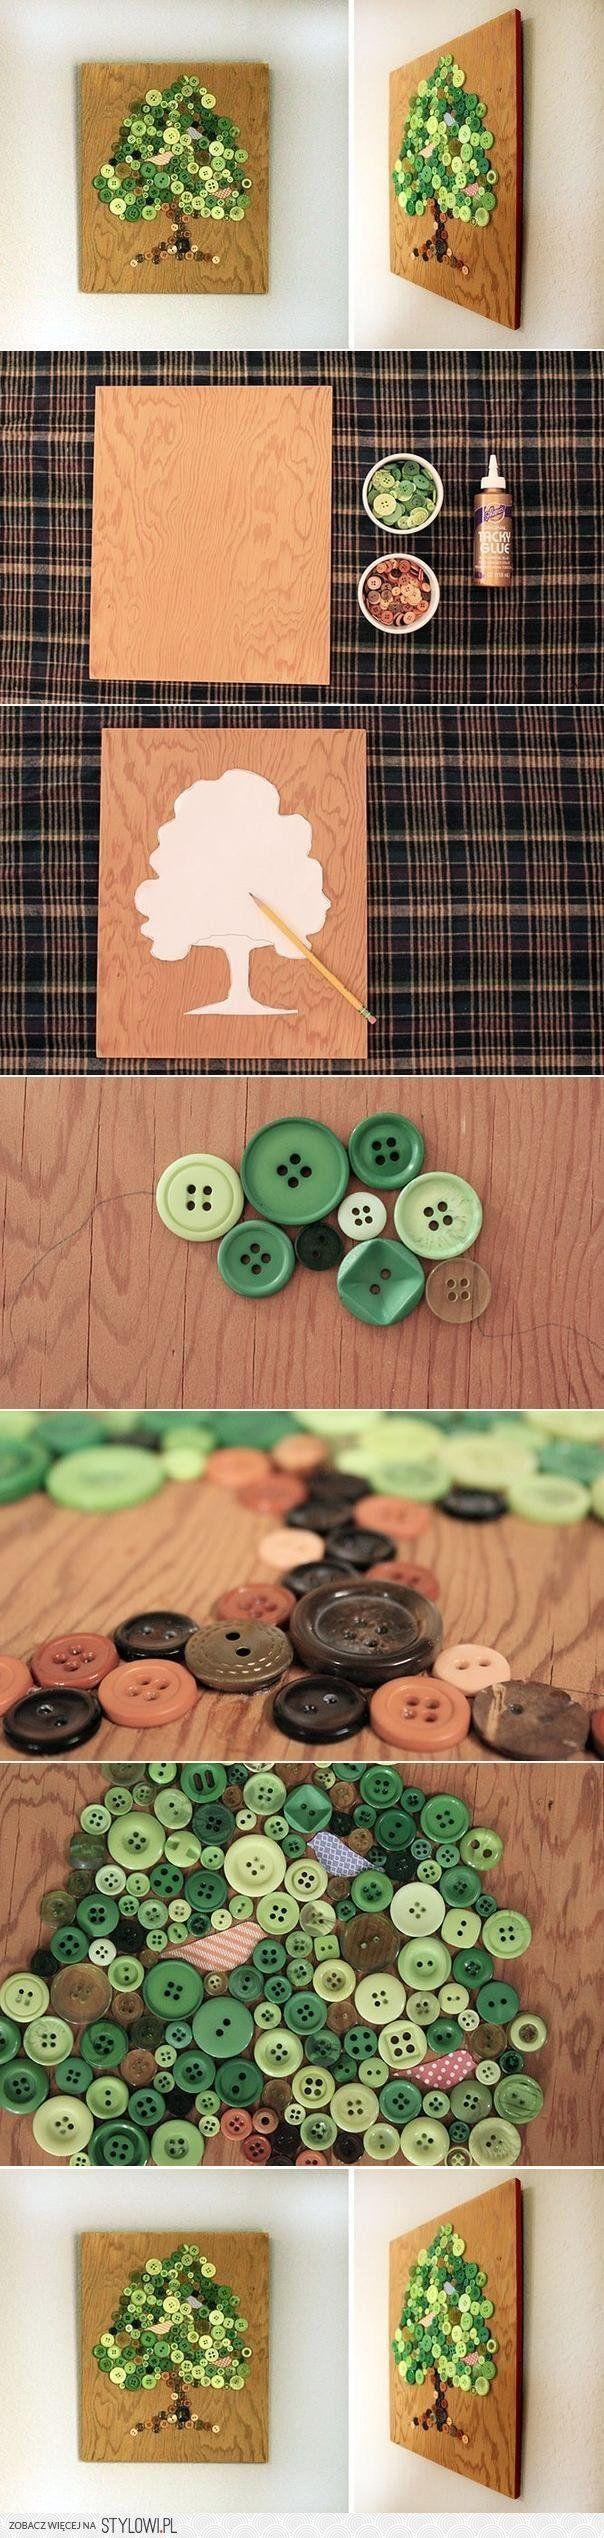 obraz z guzików